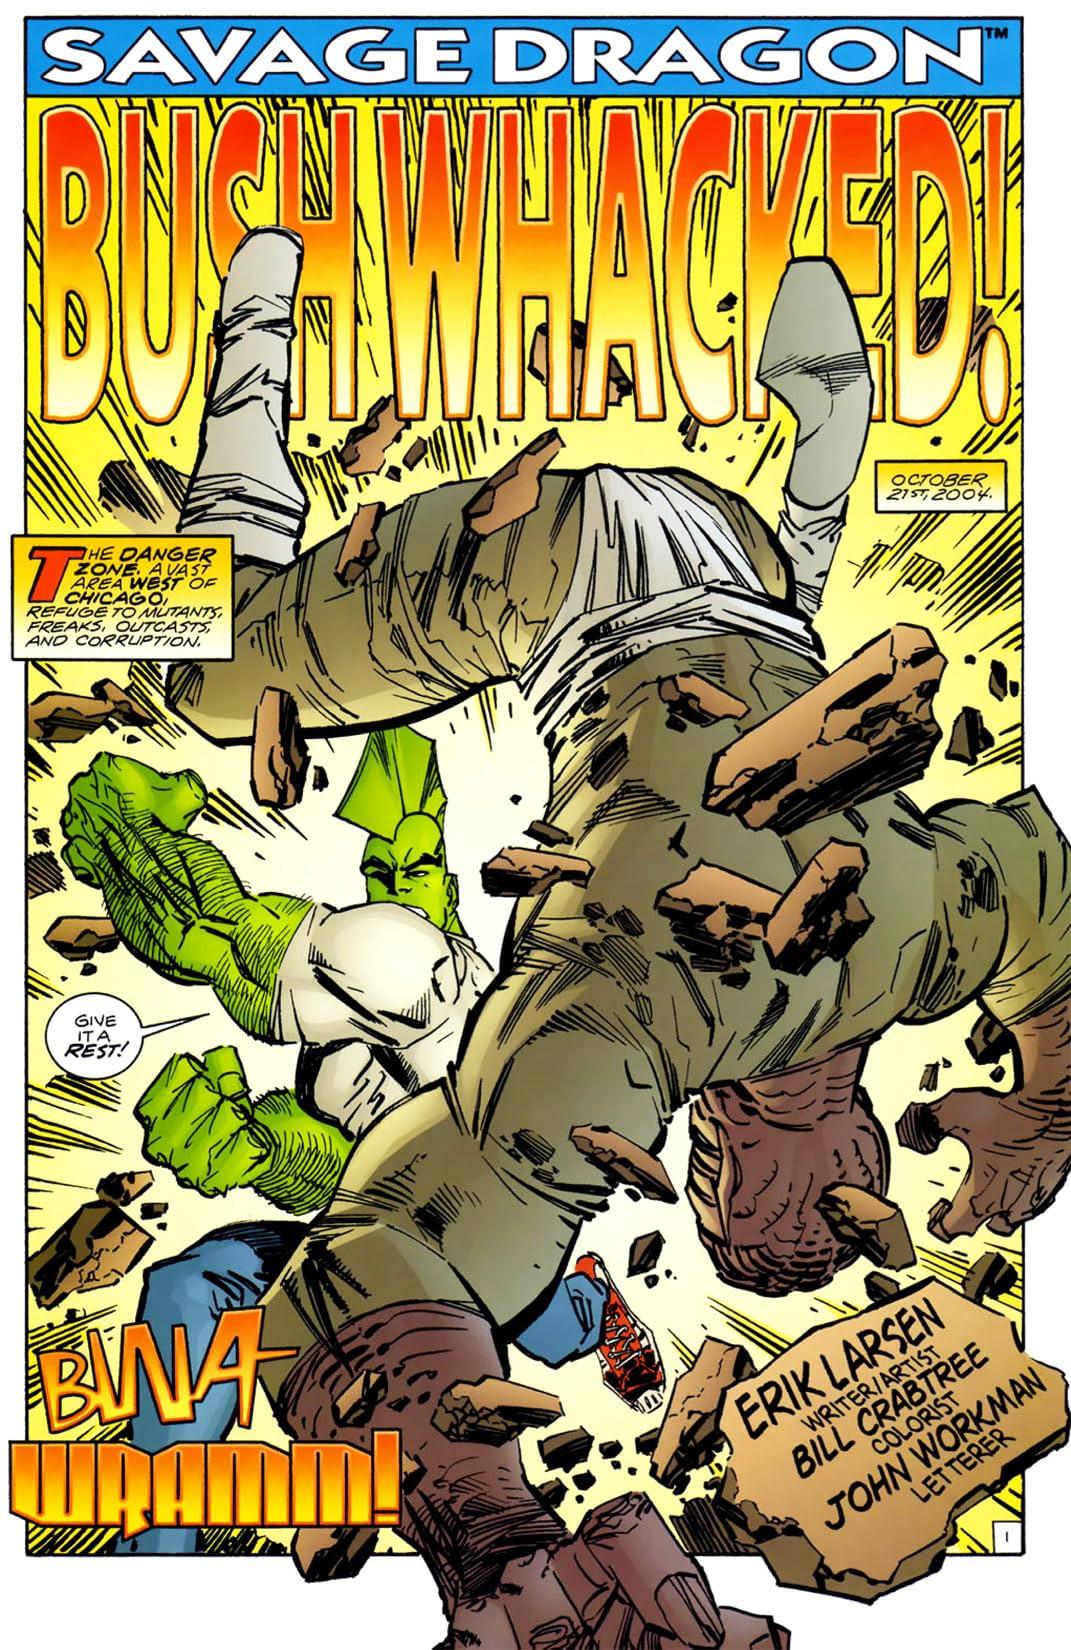 Savage Dragon #119